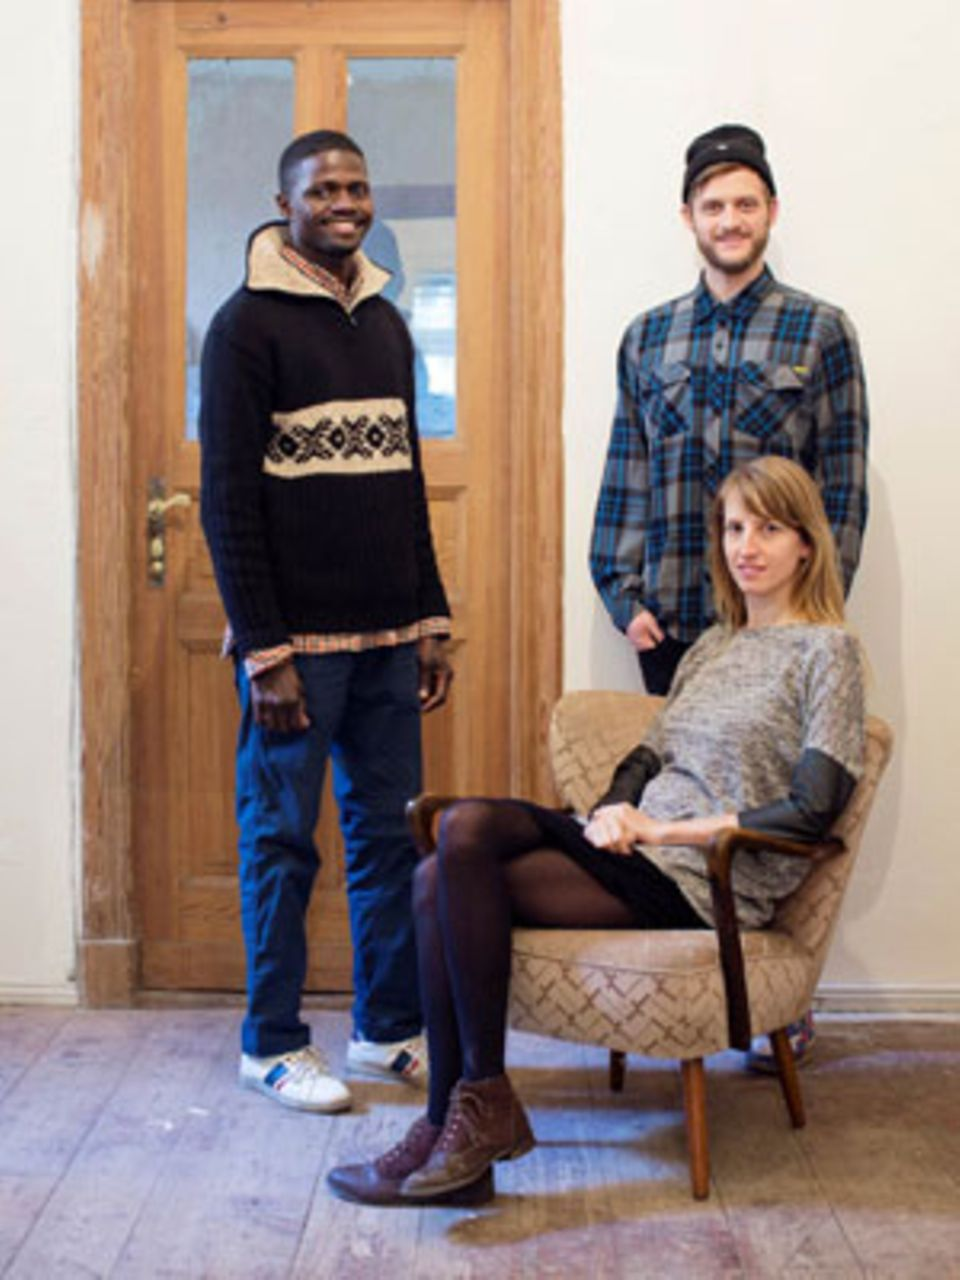 Der 39-jährige Bakary aus Mali lebte für mehrere Monate in der WG von Jonas und Mareike. Inzwischen hat er eine eigene Wohnung gefunden.